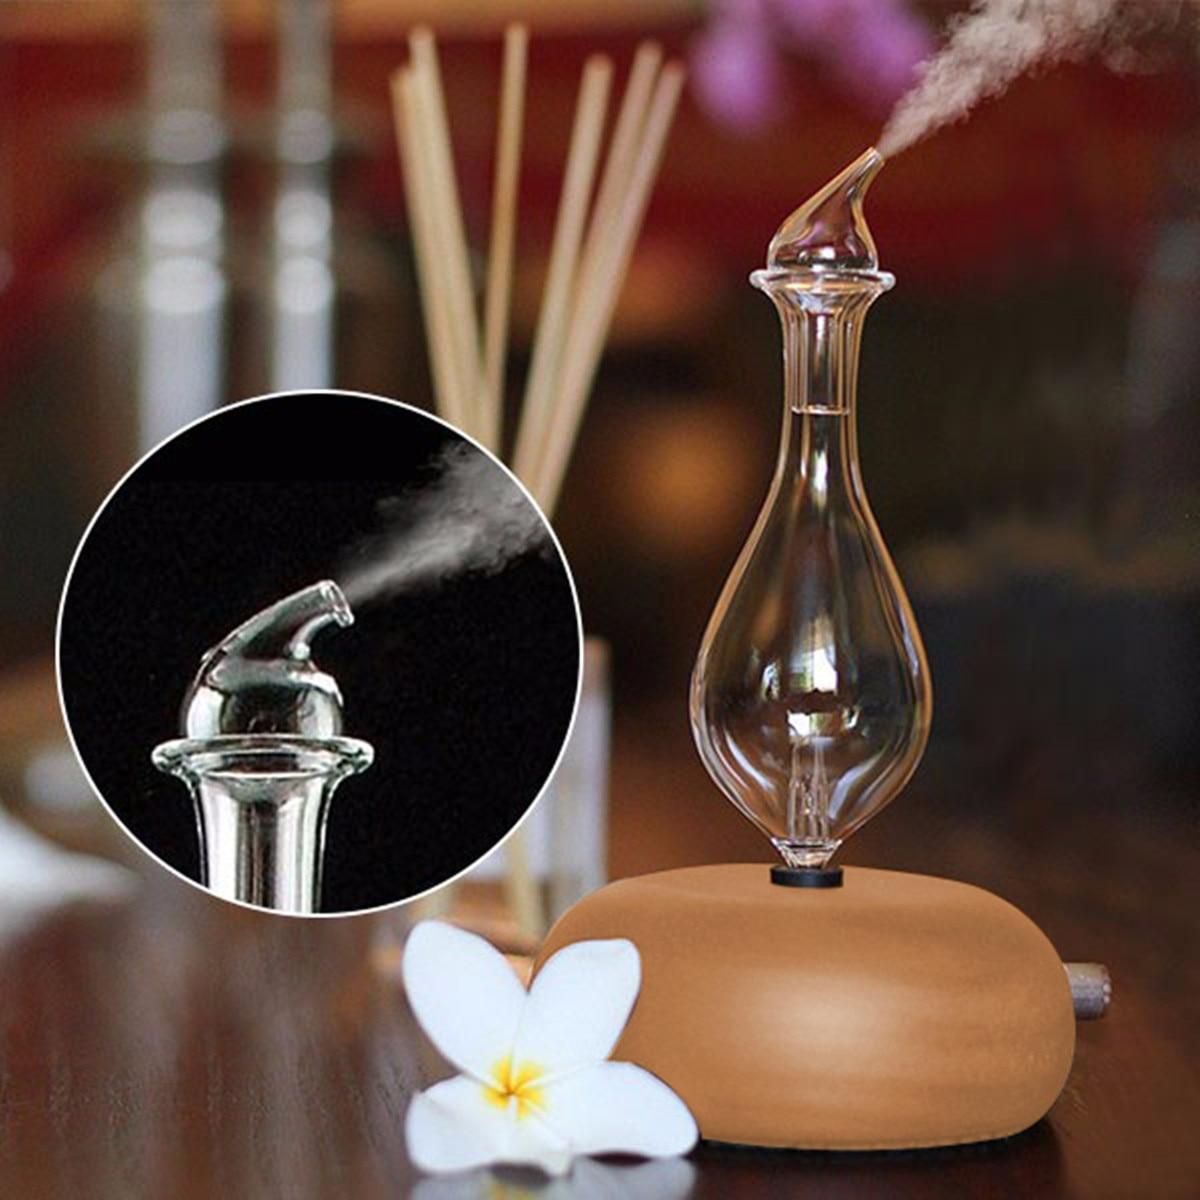 Szklany nebulizacyjny czysty olejek eteryczny dyfuzor do aromaterapii, automatyczne zamknięcie Off/ LED lekki zapach do nawilżacza do domowego biura